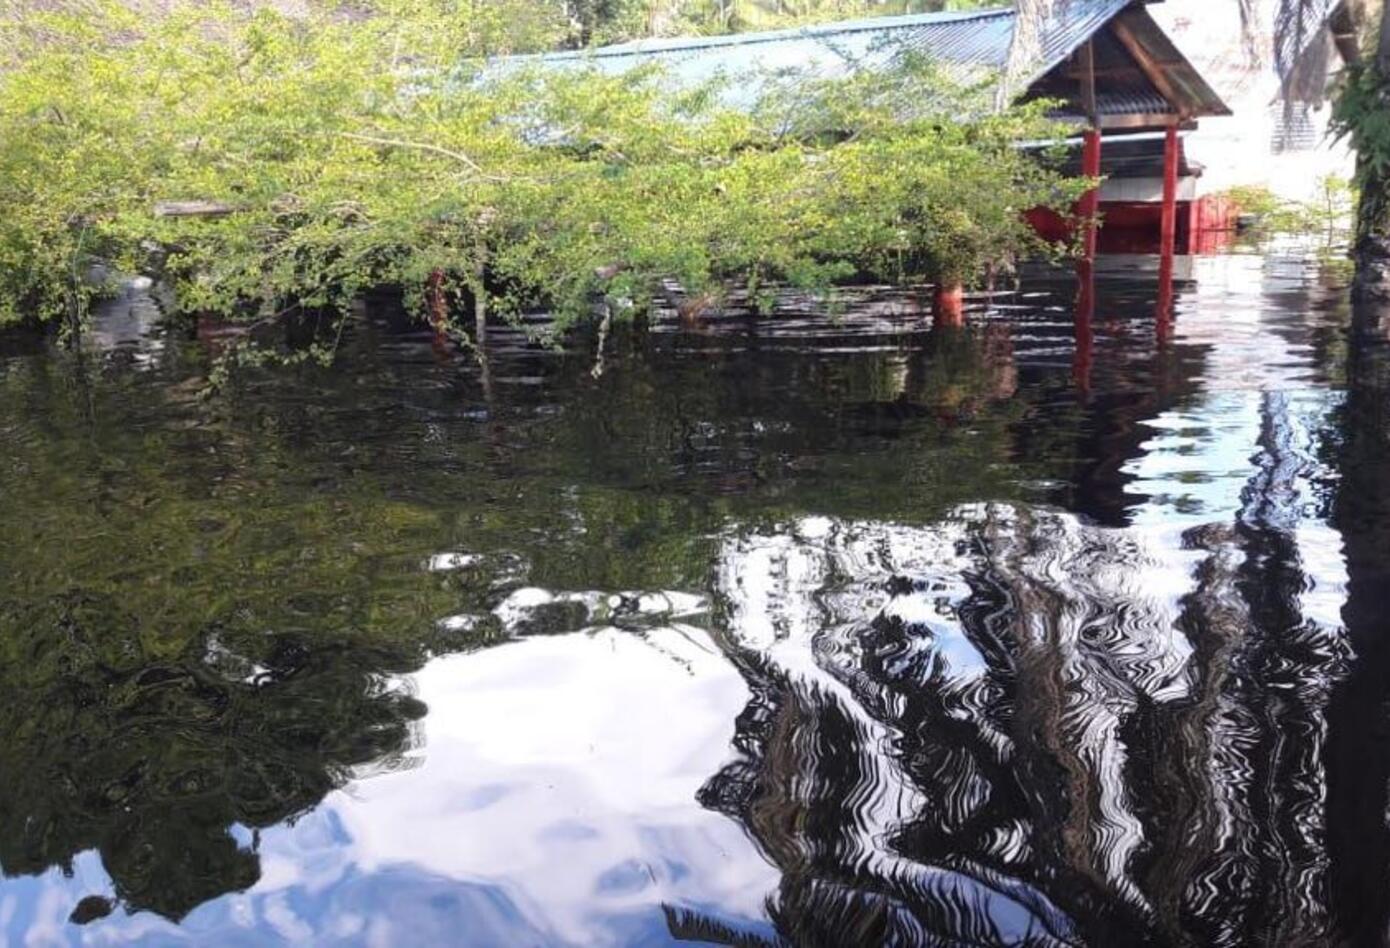 Cerca del 90% del sector agrícola afectado por inundaciones en Guainía